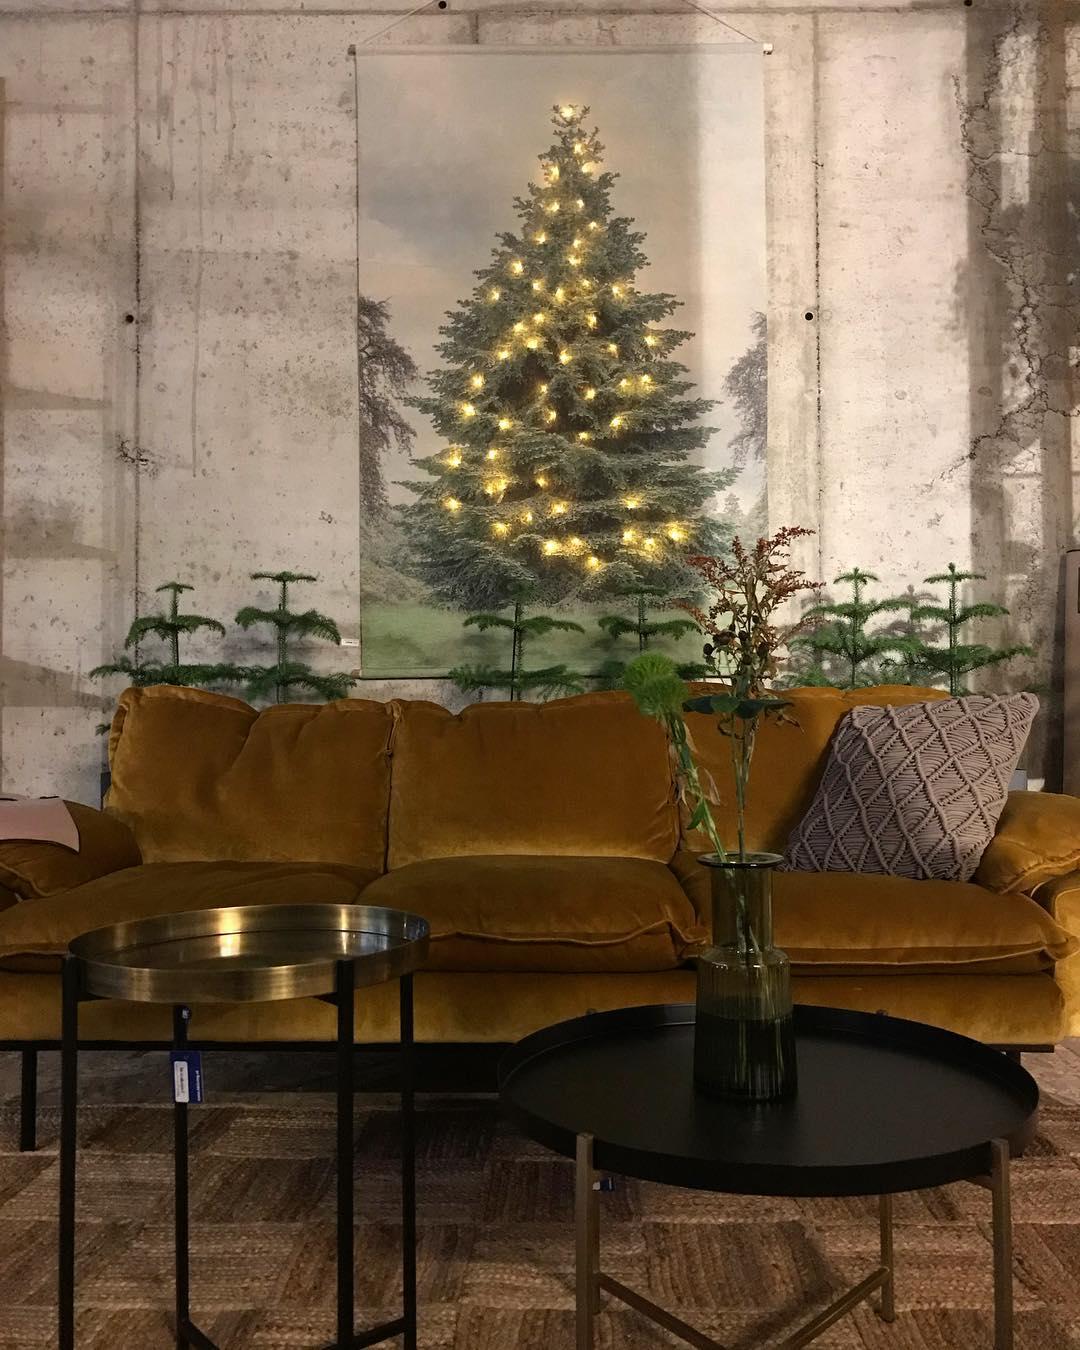 Geliefde 7 tips om kerst in huis te brengen - vida design &WZ16